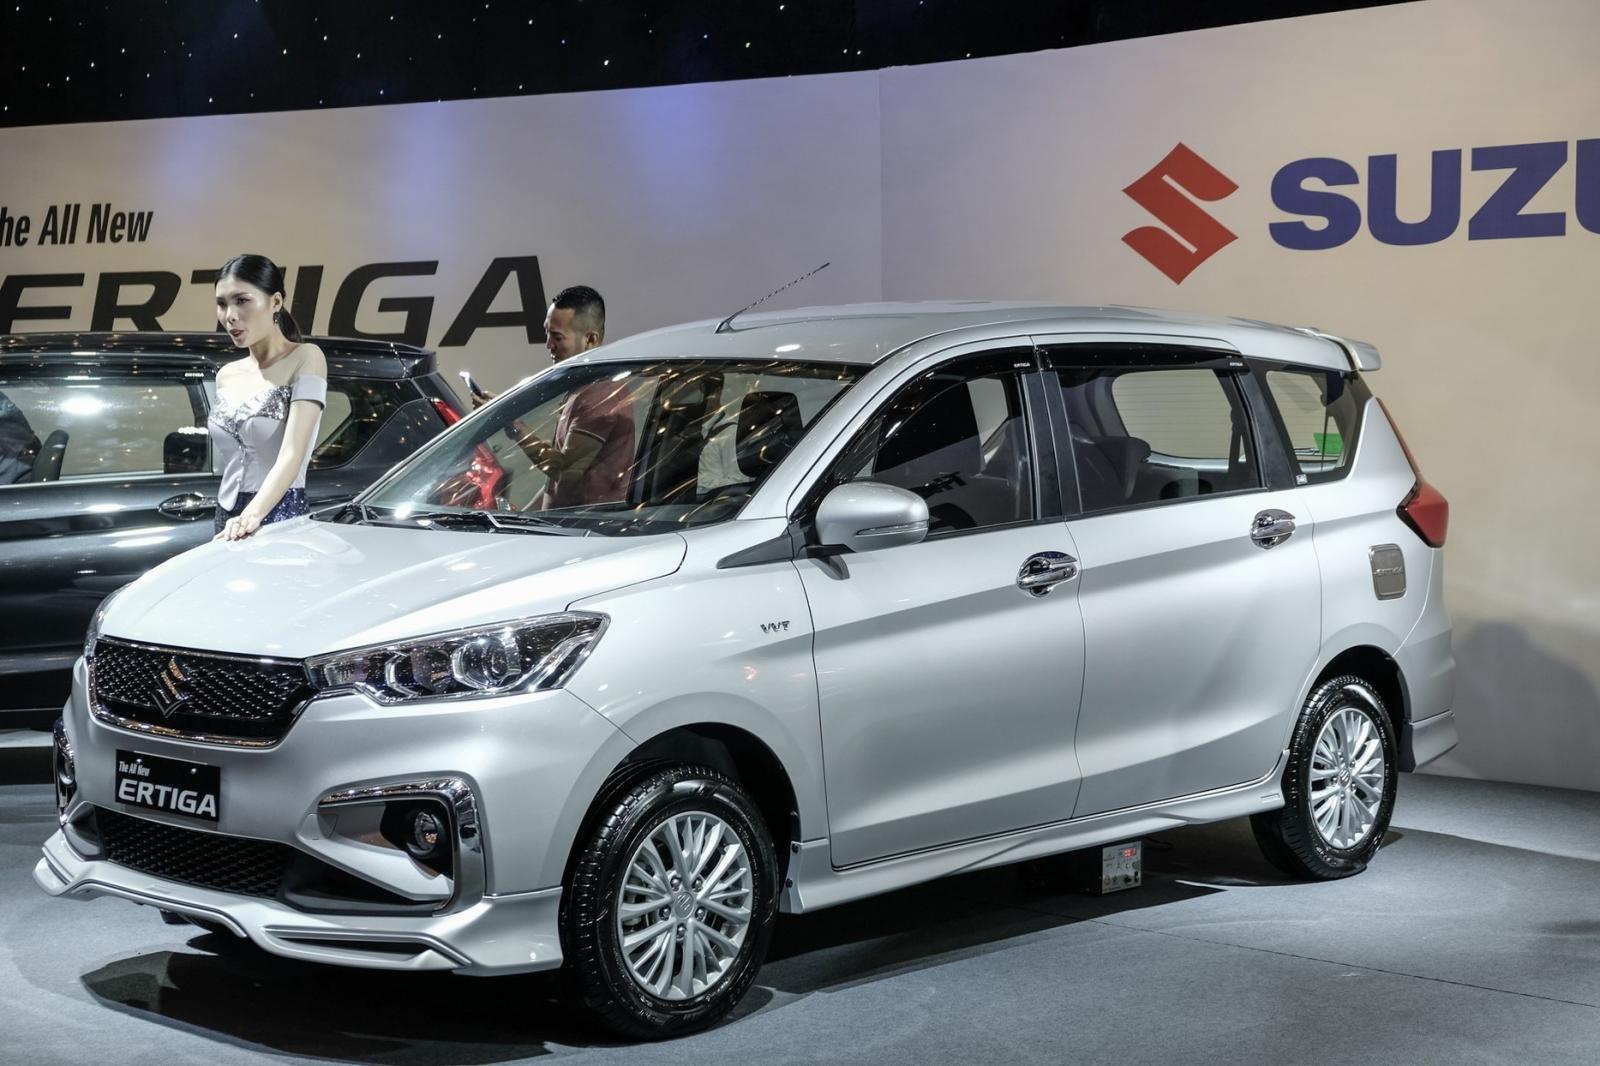 Cuối năm mới được giao xe, khách mua Suzuki Ertiga 2019 chờ dài cổ a2